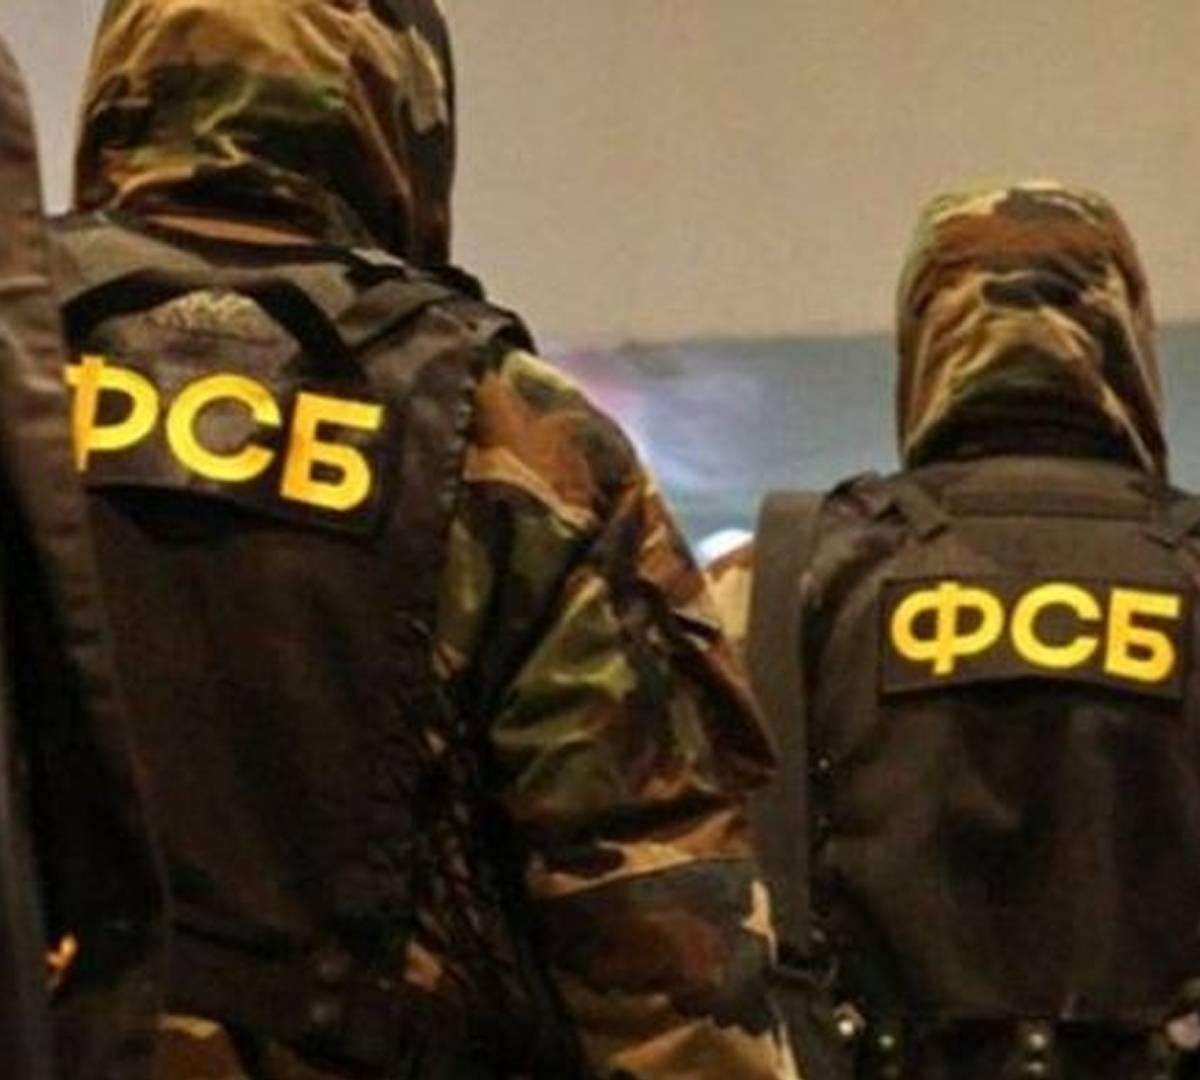 ФСБ, возможно, напало на сектантский след керченского убийцы